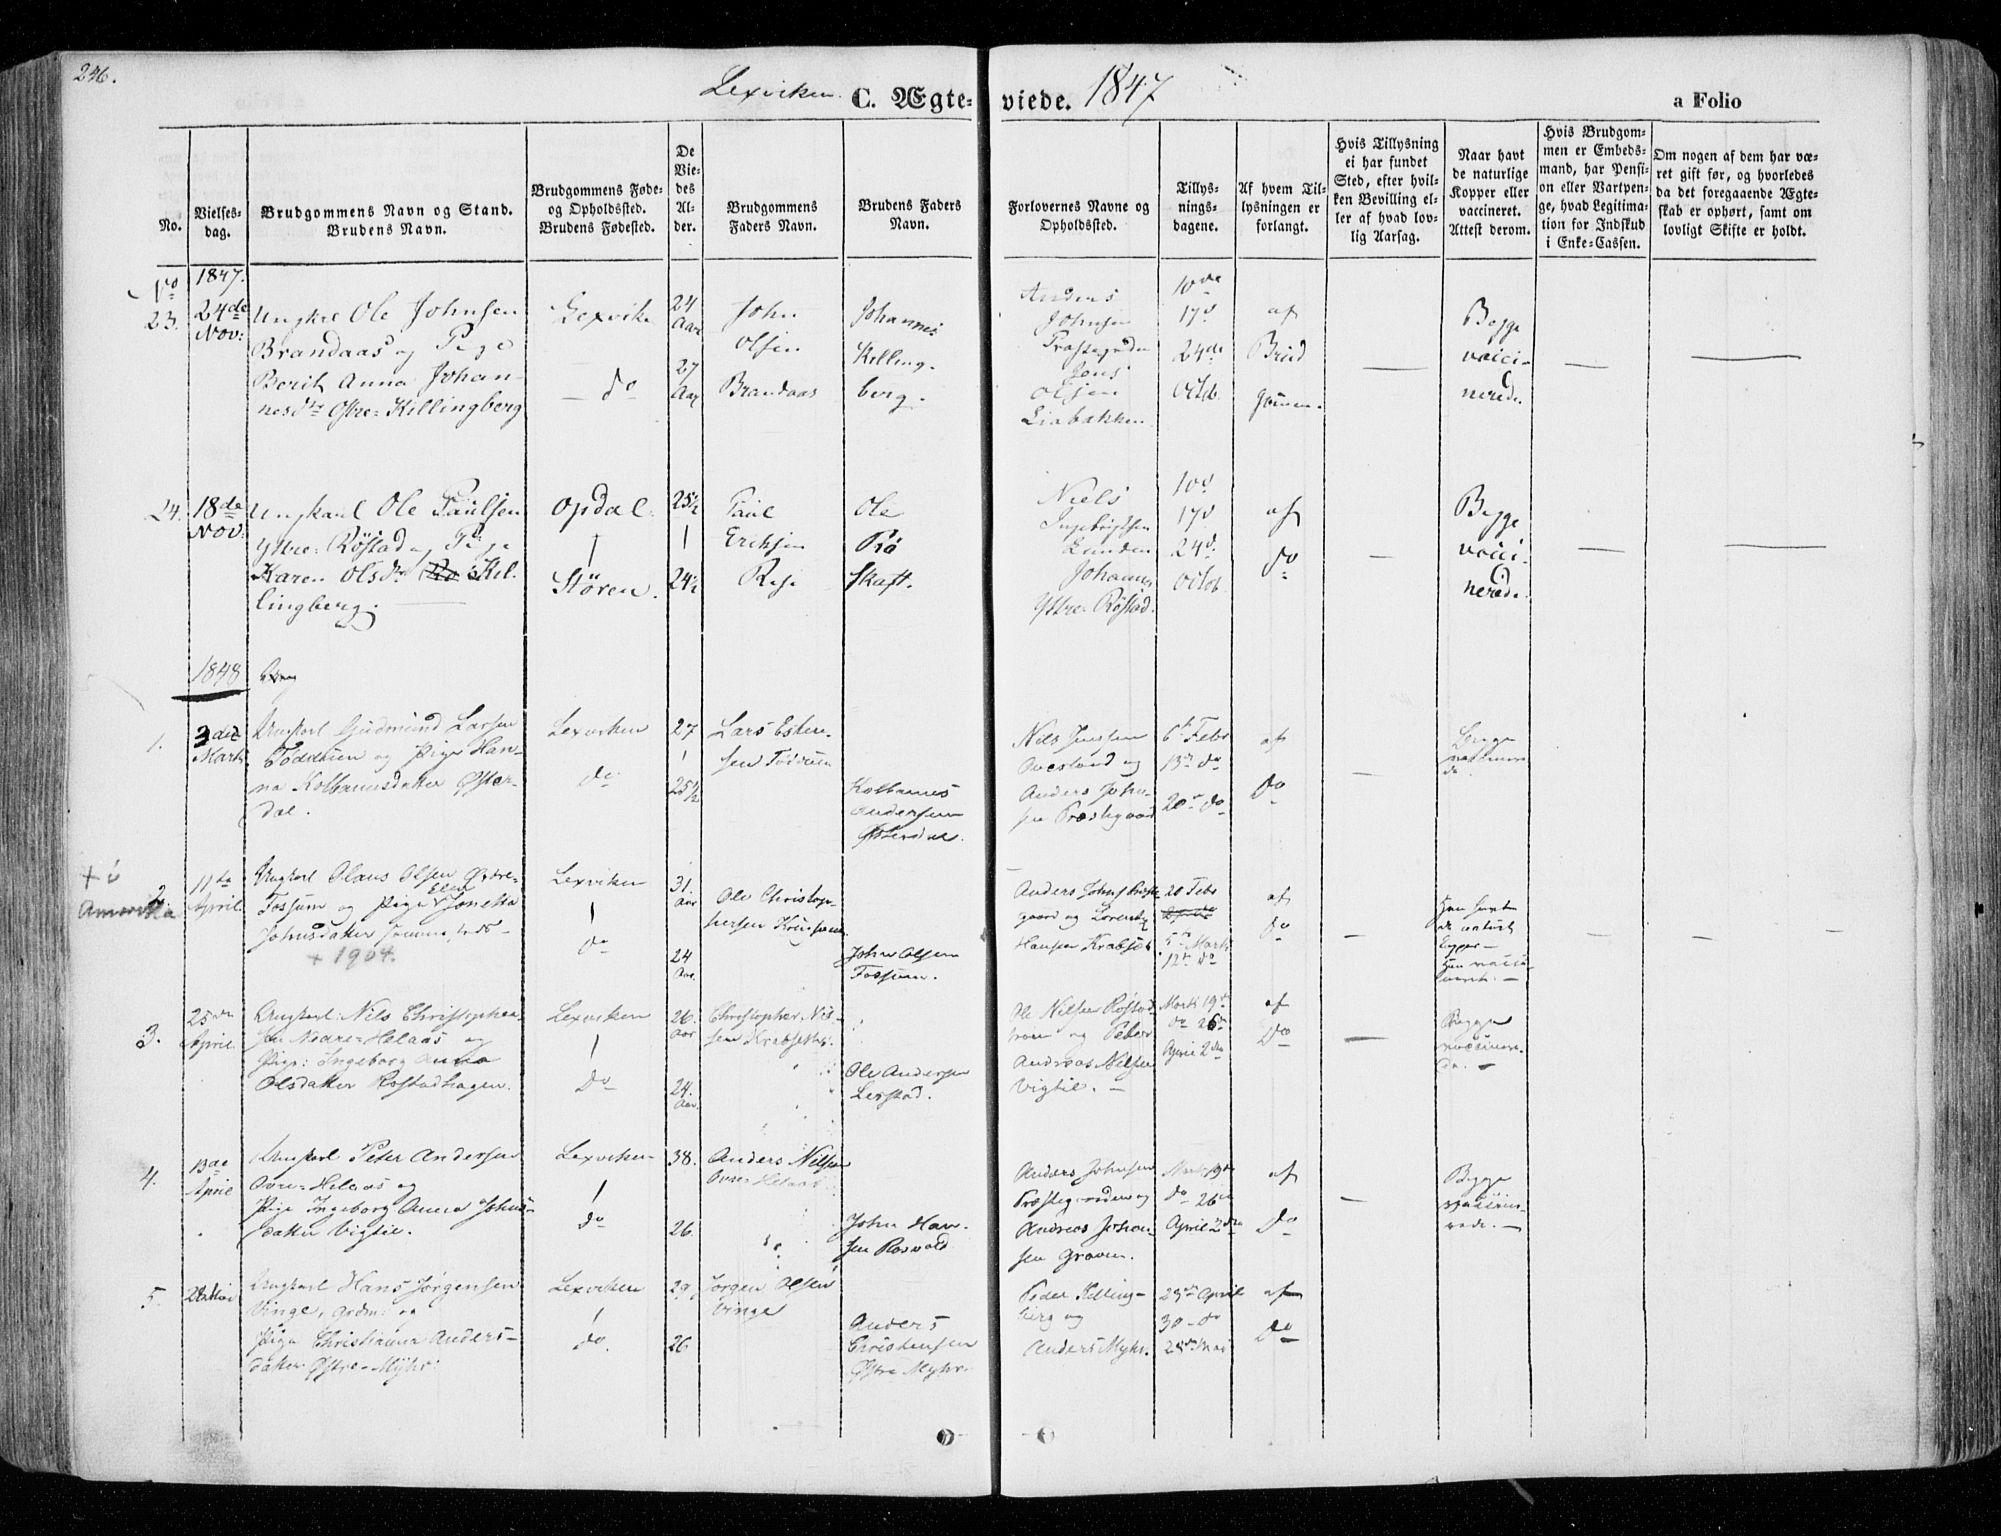 SAT, Ministerialprotokoller, klokkerbøker og fødselsregistre - Nord-Trøndelag, 701/L0007: Ministerialbok nr. 701A07 /1, 1842-1854, s. 246